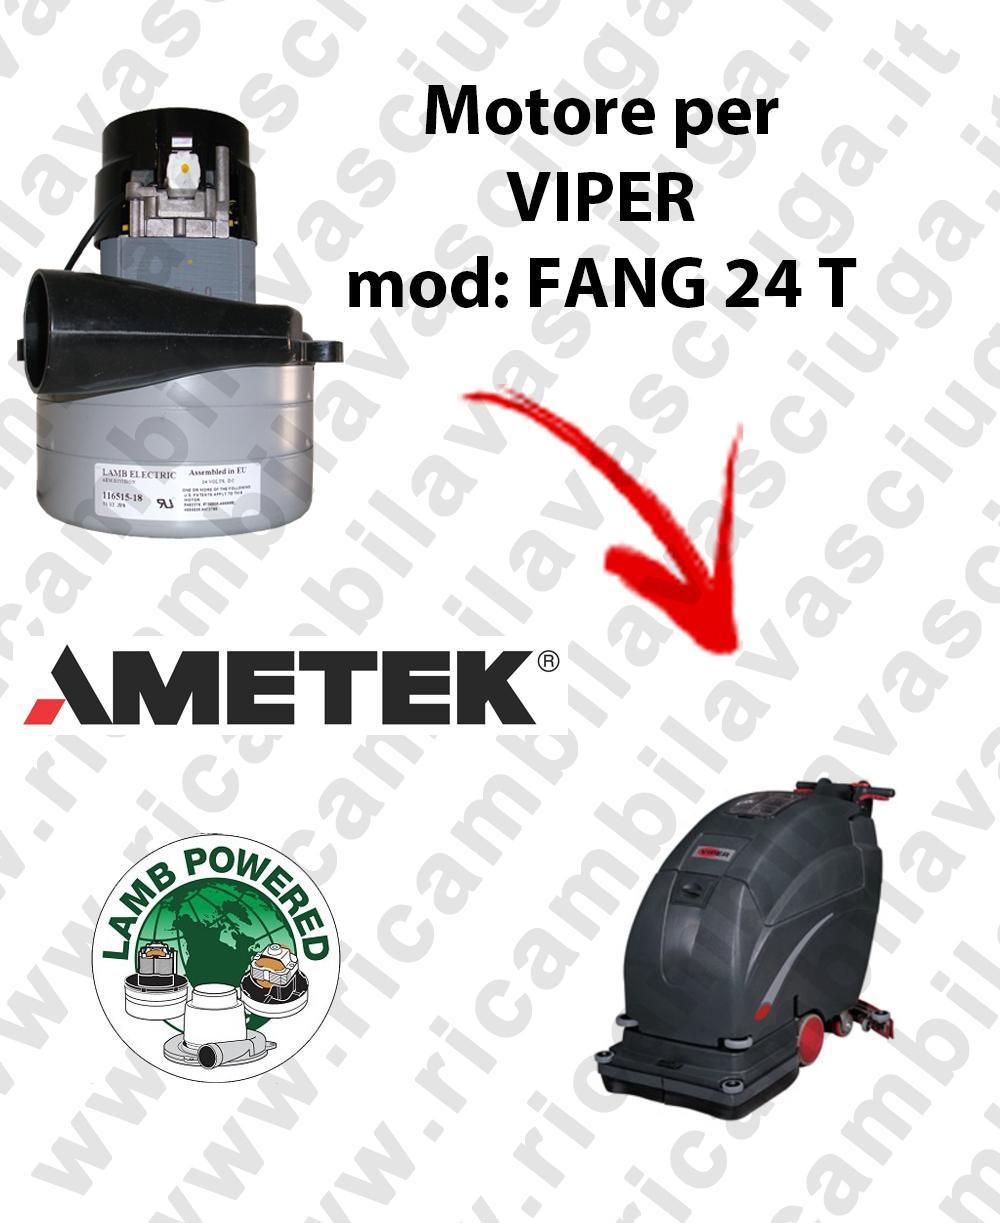 FANG 24 T Saugmotor LAMB AMETEK für scheuersaugmaschinen VIPER